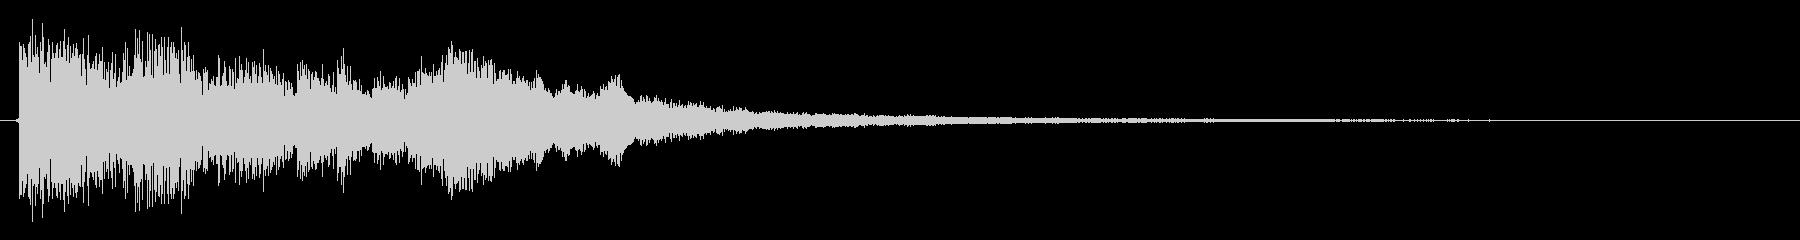 ポジティブ・キラキラな成功・完了音の未再生の波形